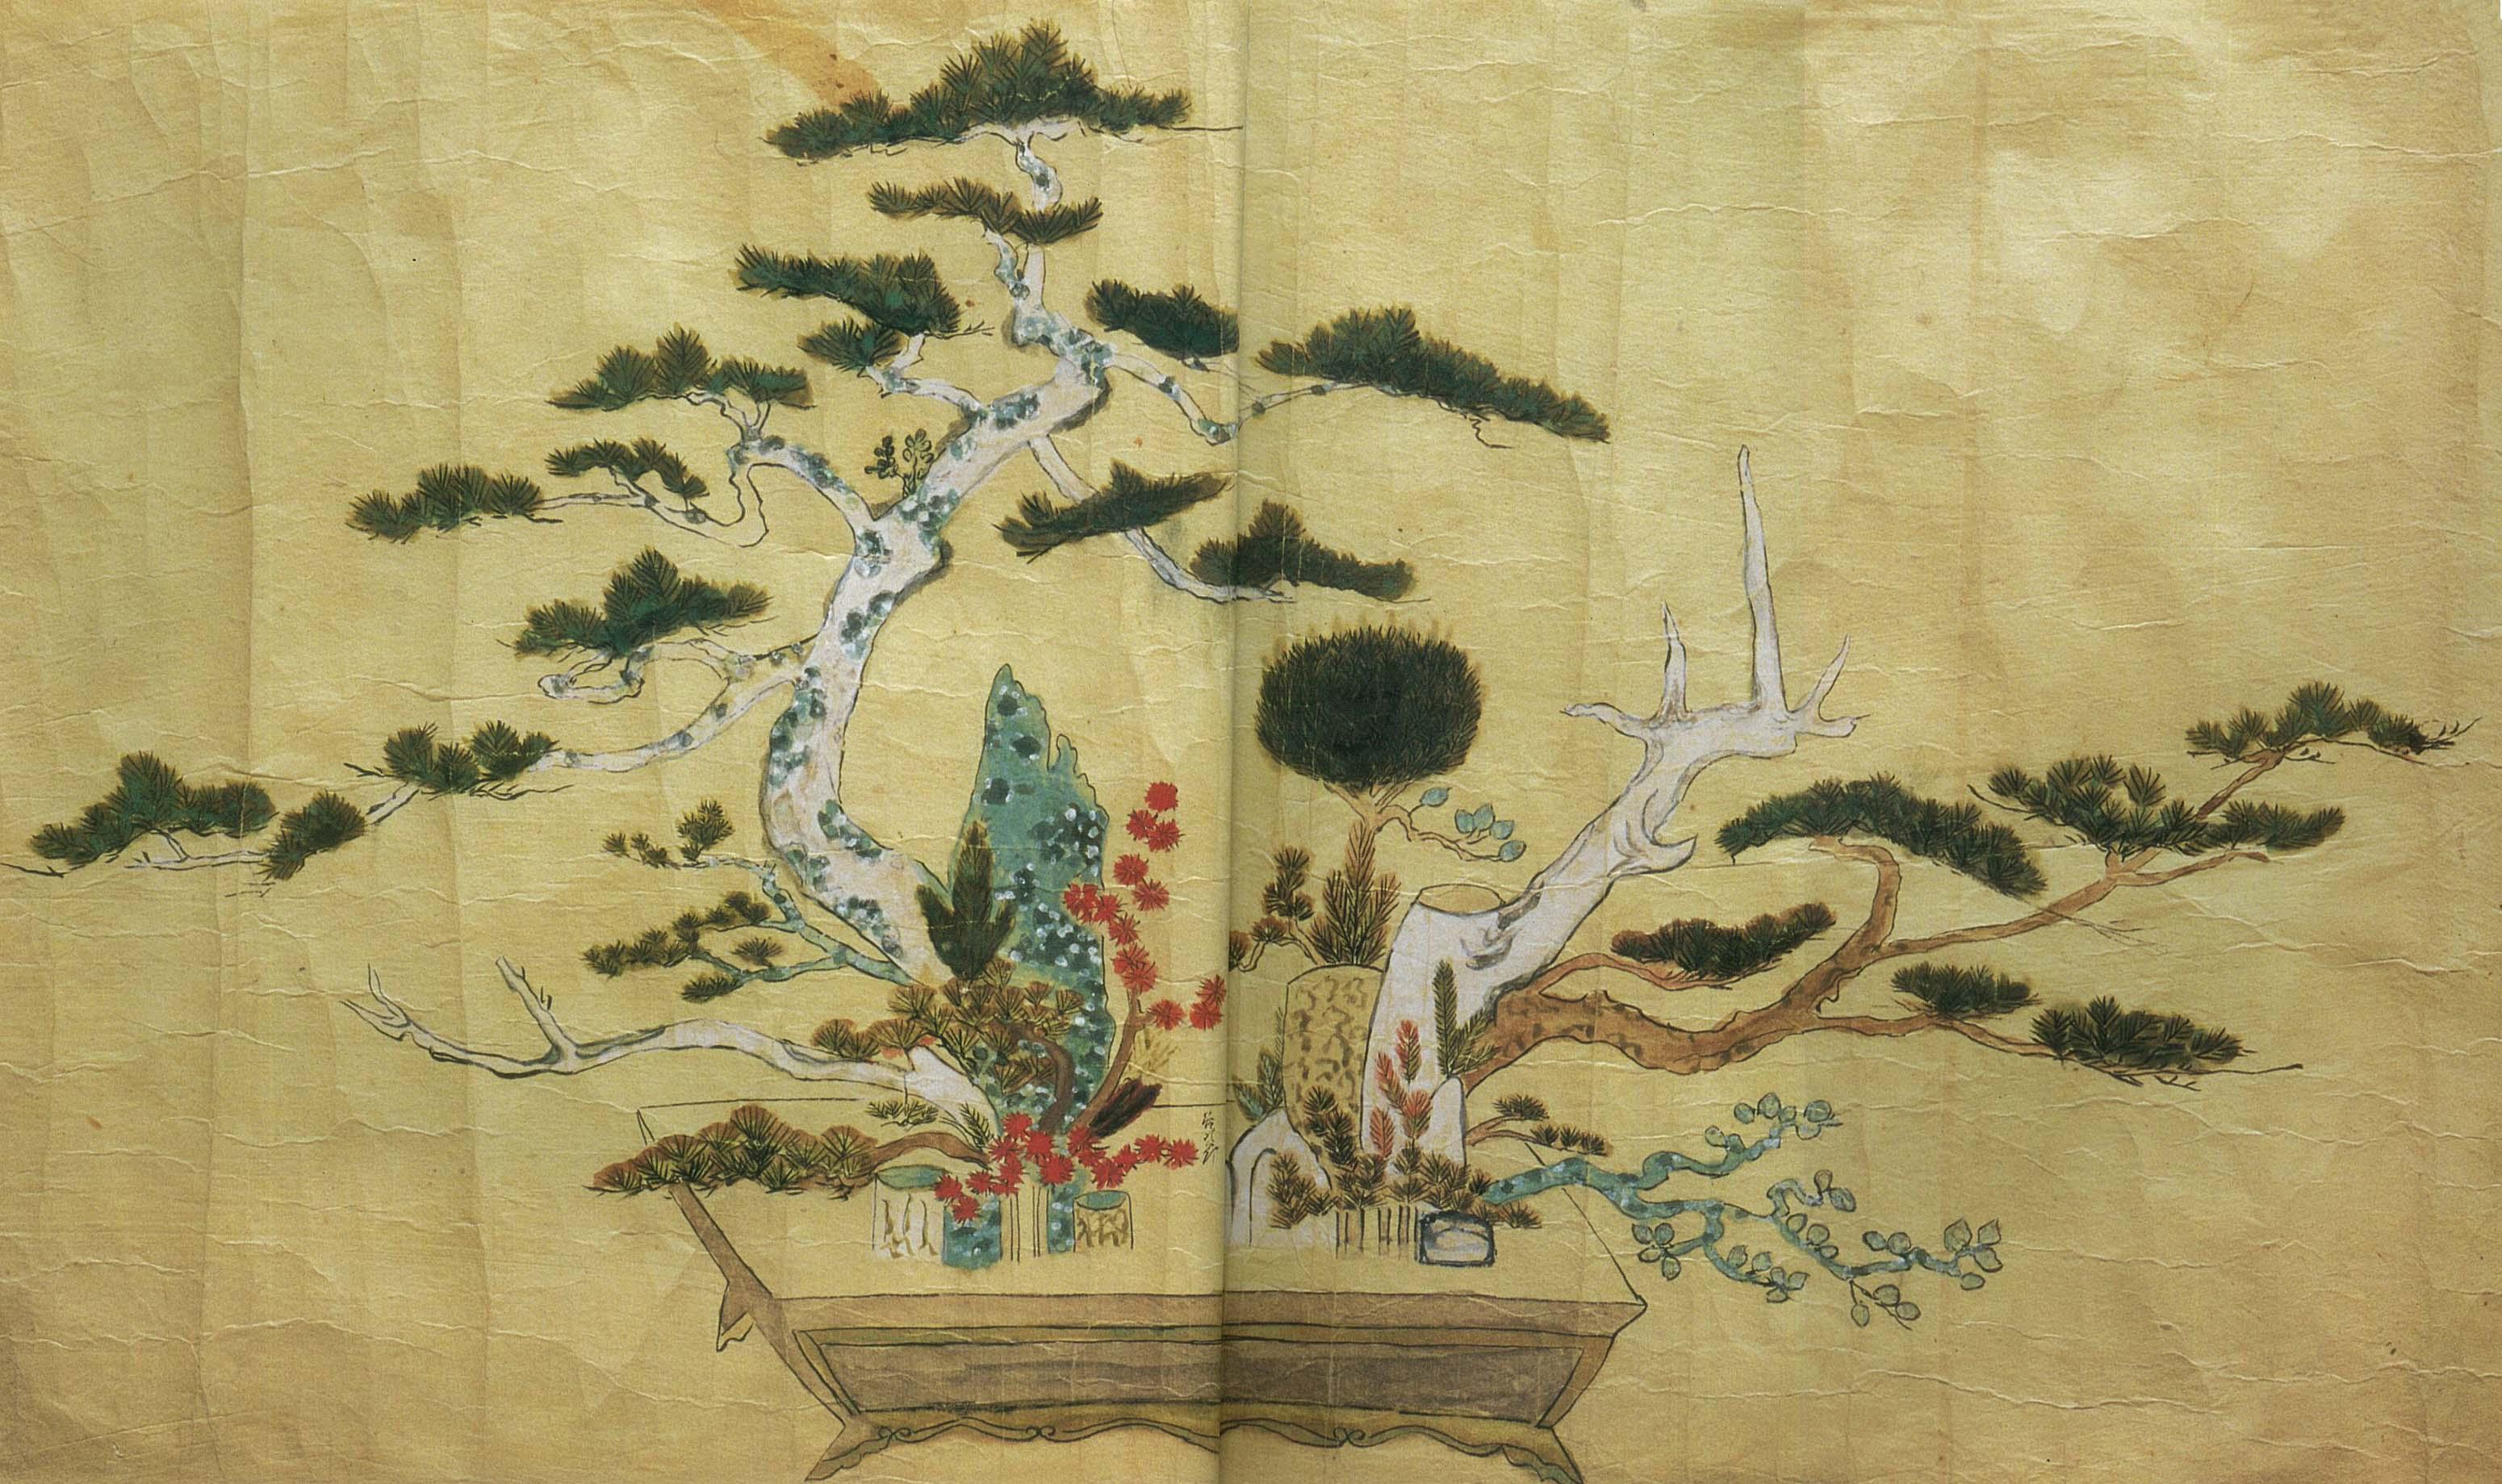 流祖が宗祖日蓮大聖人第400年遠の砌 本能寺大客殿において立てた立華 作品は真の高さ2間2尺、横6間2尺の大作